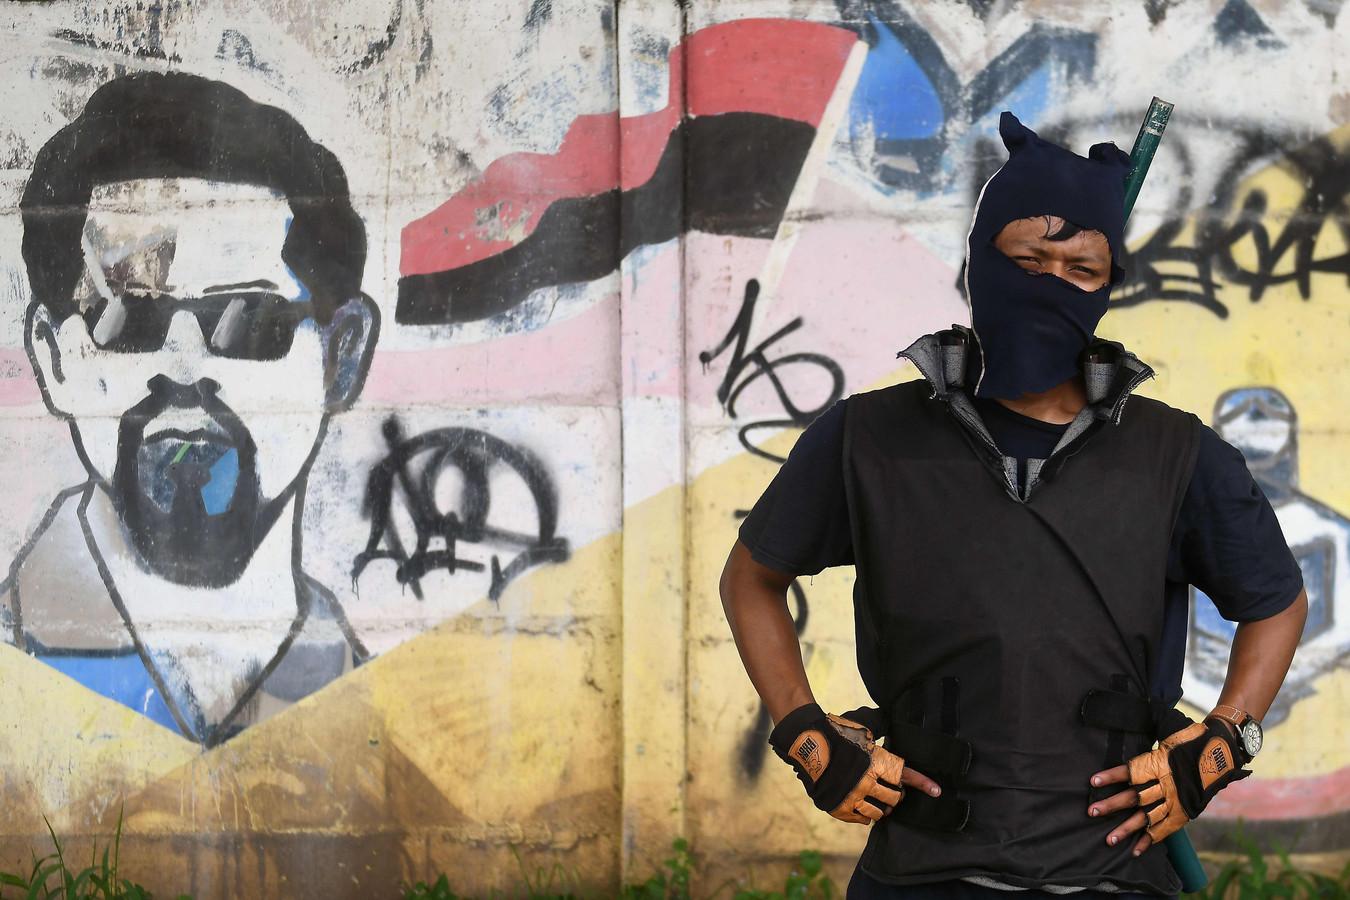 Een gemaskerde student die deze week protesteerde tegen het regime van president Daniel Ortega. Paramilitairen en de politie in Nicaragua openden het vuur op de demonstranten.